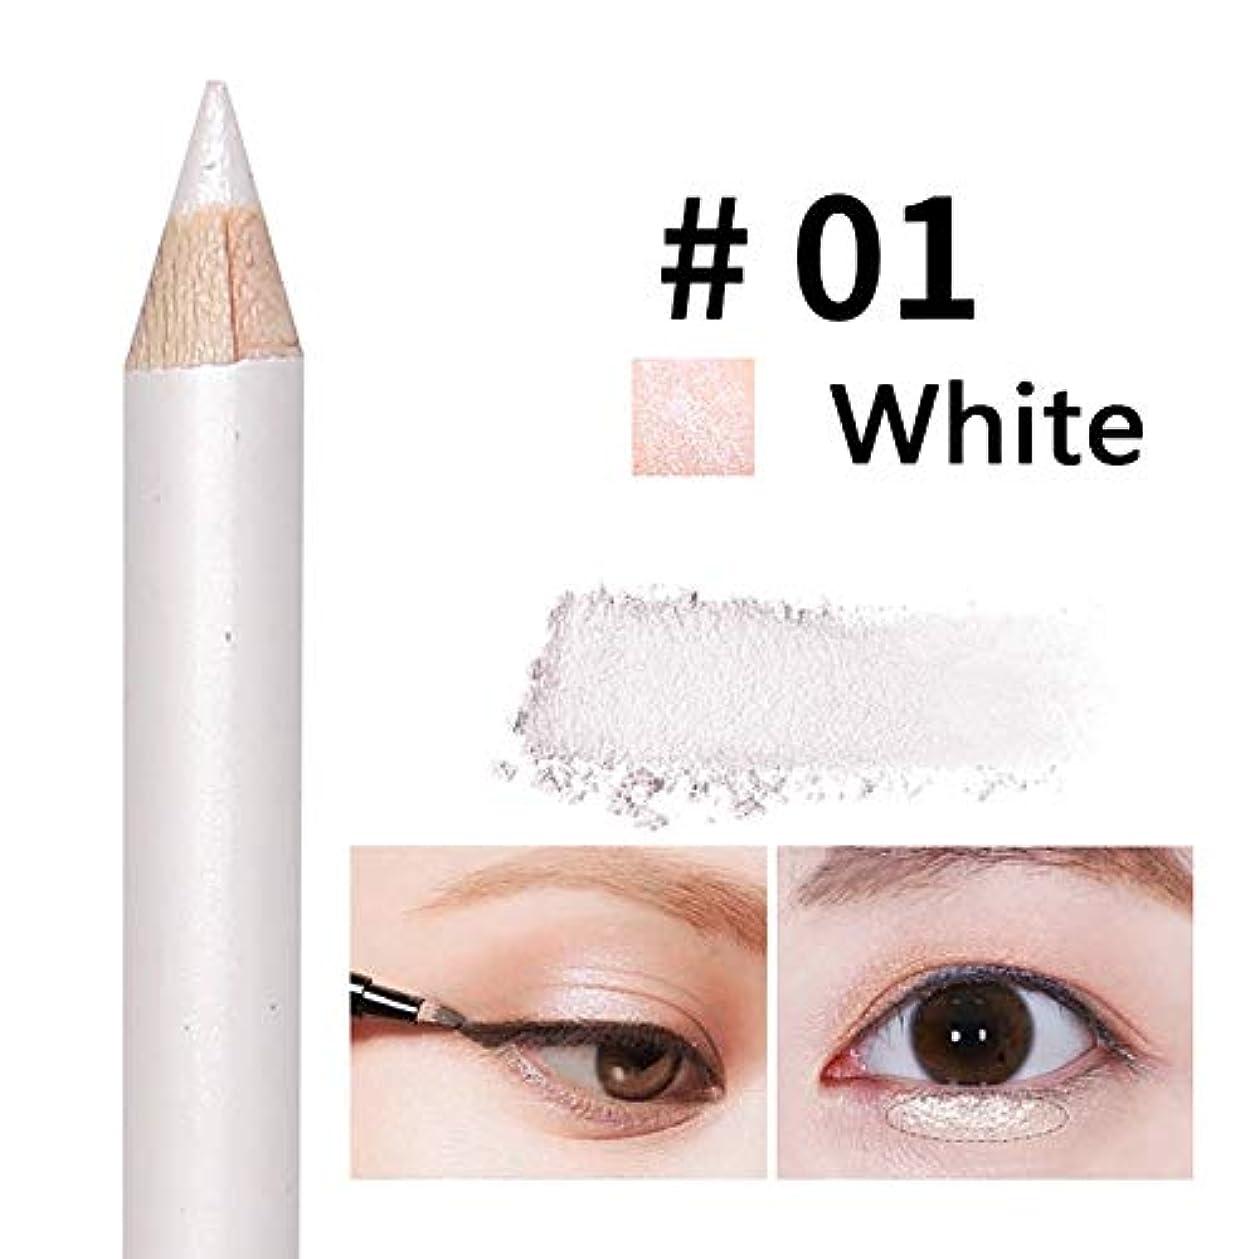 ズボン多様な決定Cutelove アイシャドウ ペンシルタイプ パール入り 透明感 チップ付き 発色が良い 涙袋 防水 ホワイト